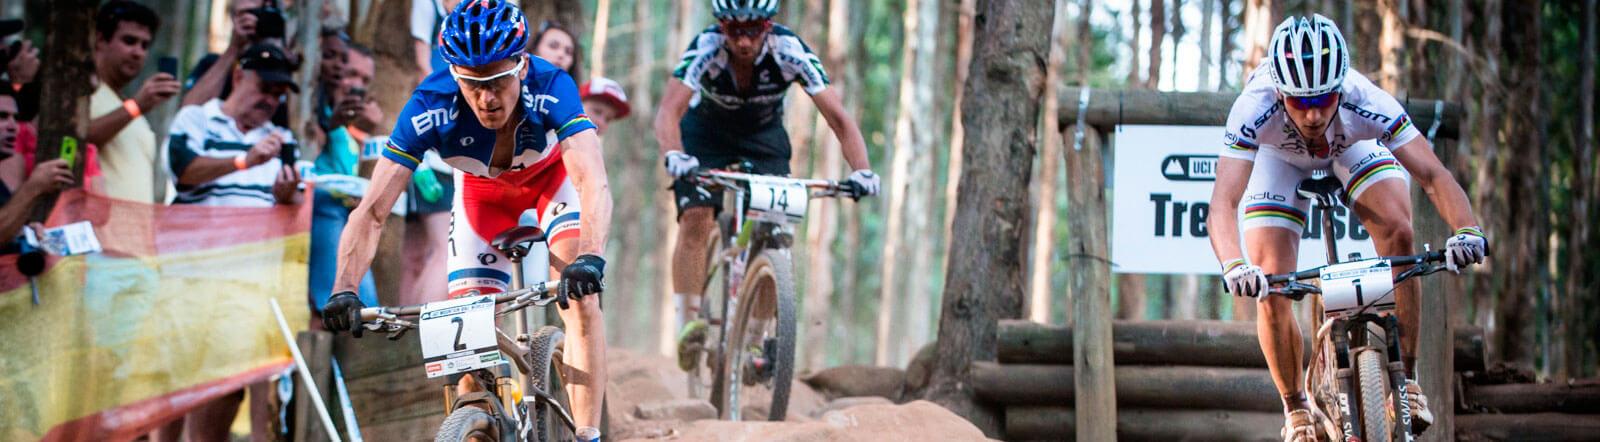 homeslider 3 - Desabi | Entrenamiento de Ciclismo,  Triatlón y atletismo